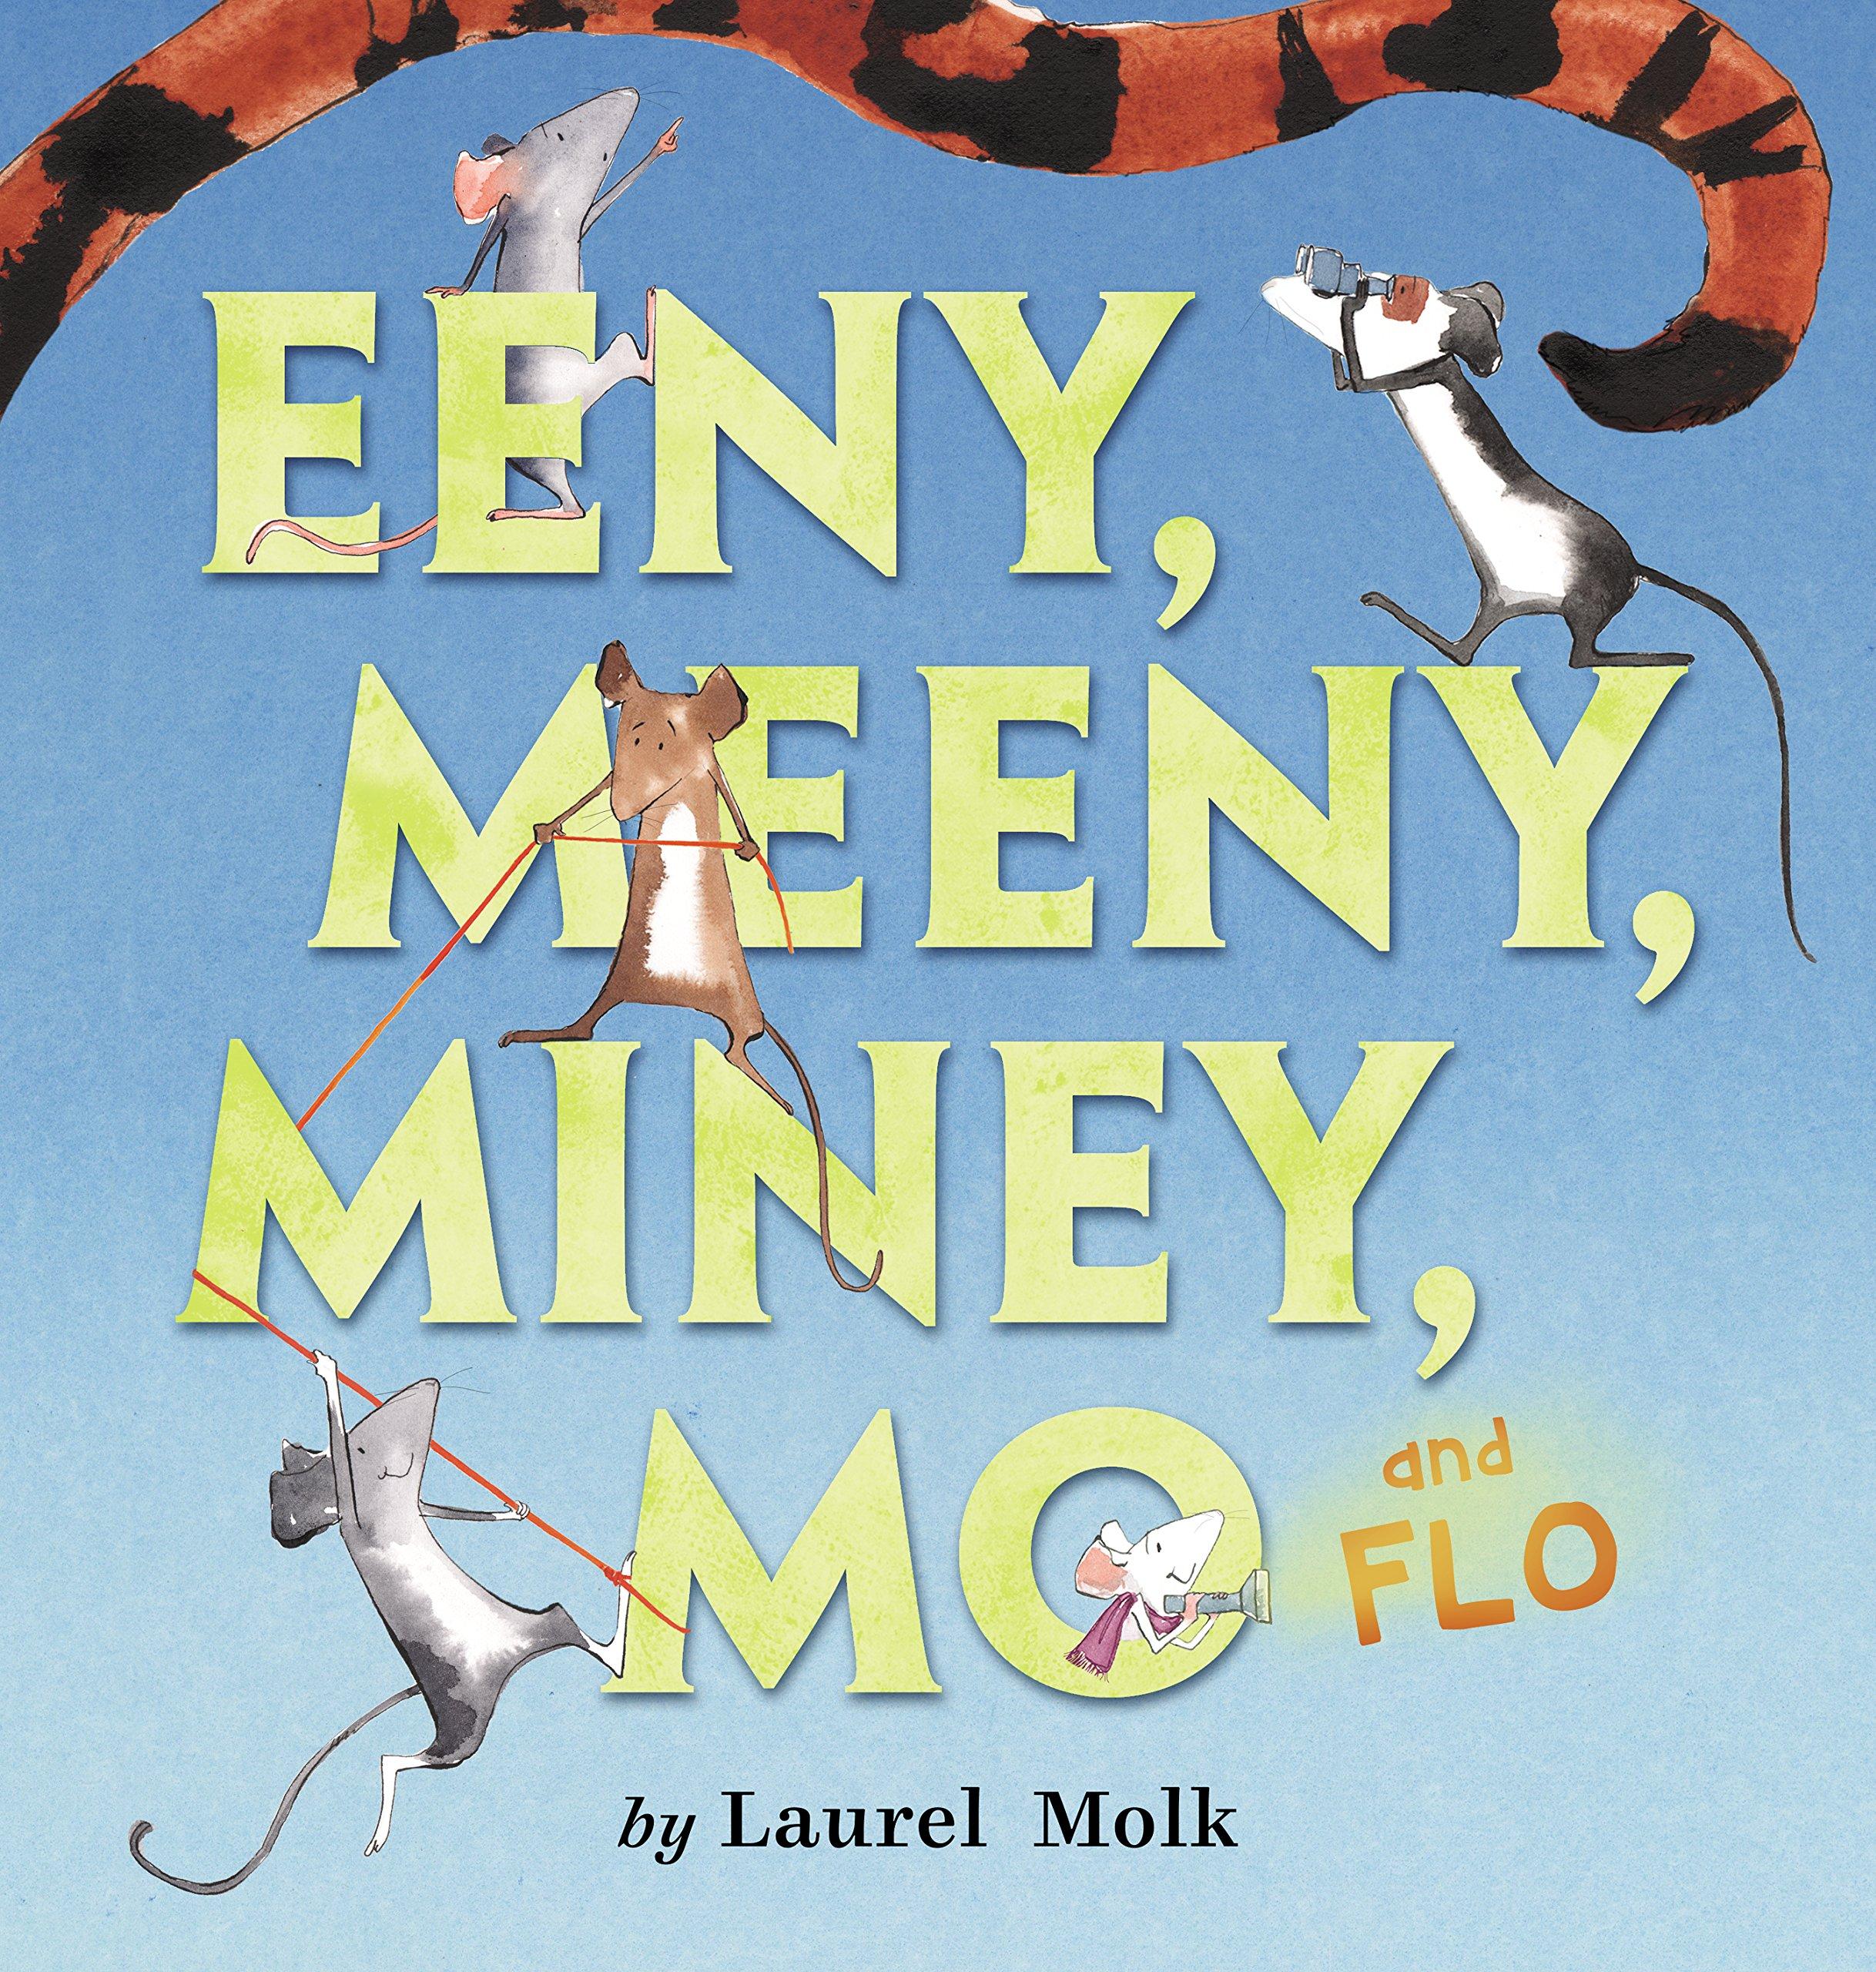 Eeny, Meeny, Miney, Mo and Flo